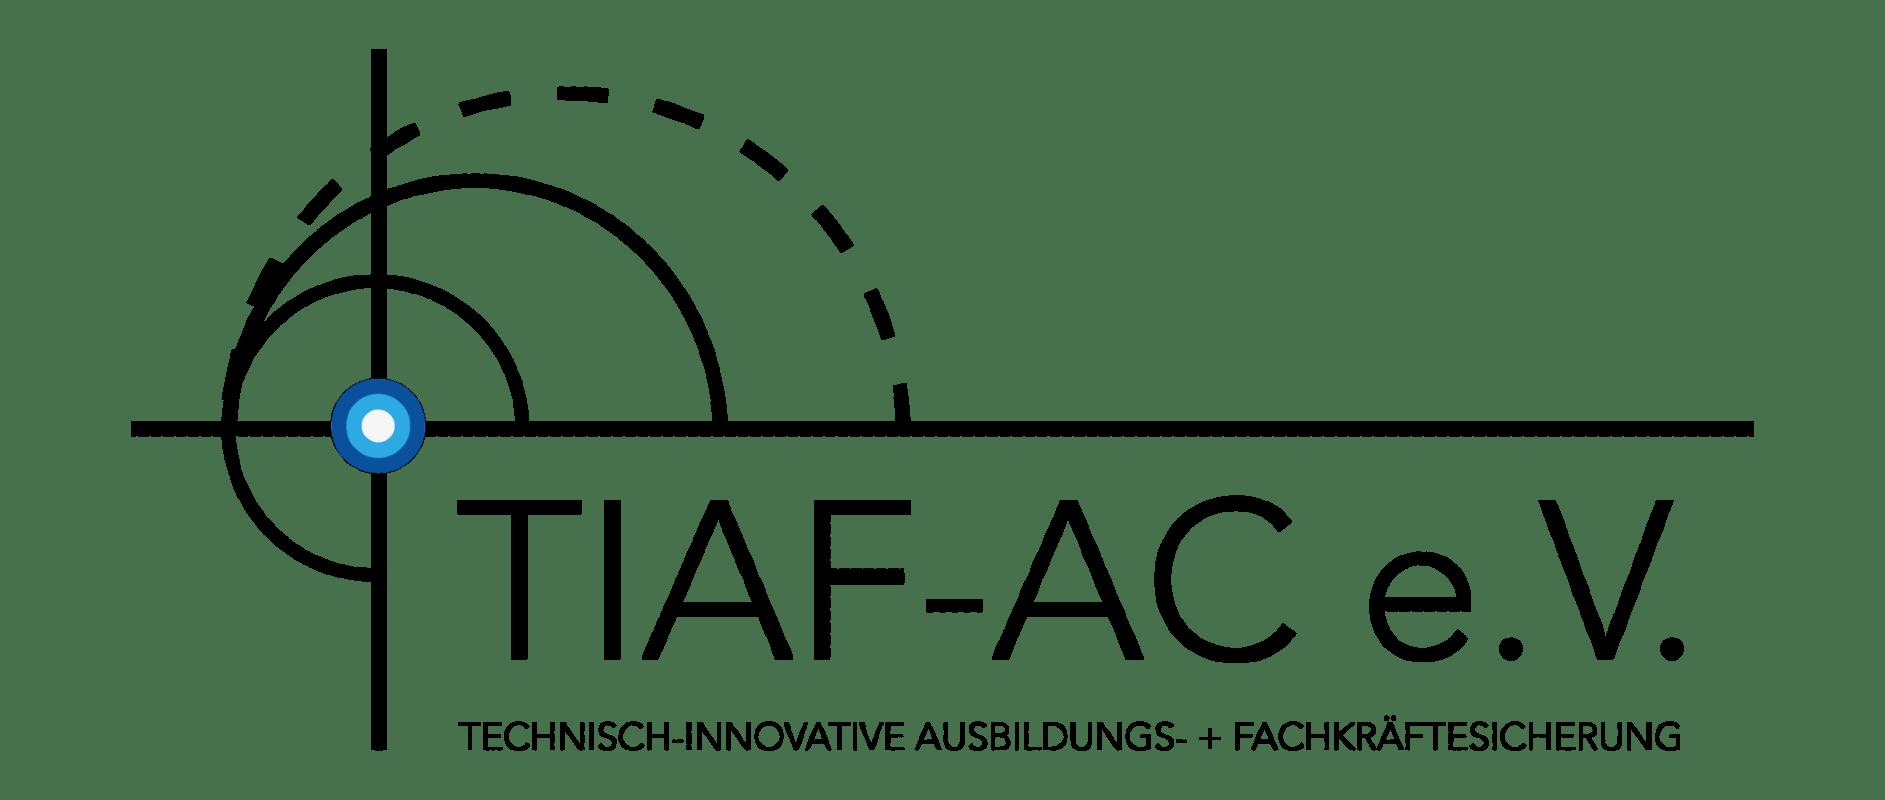 TIAF-AC e.V.